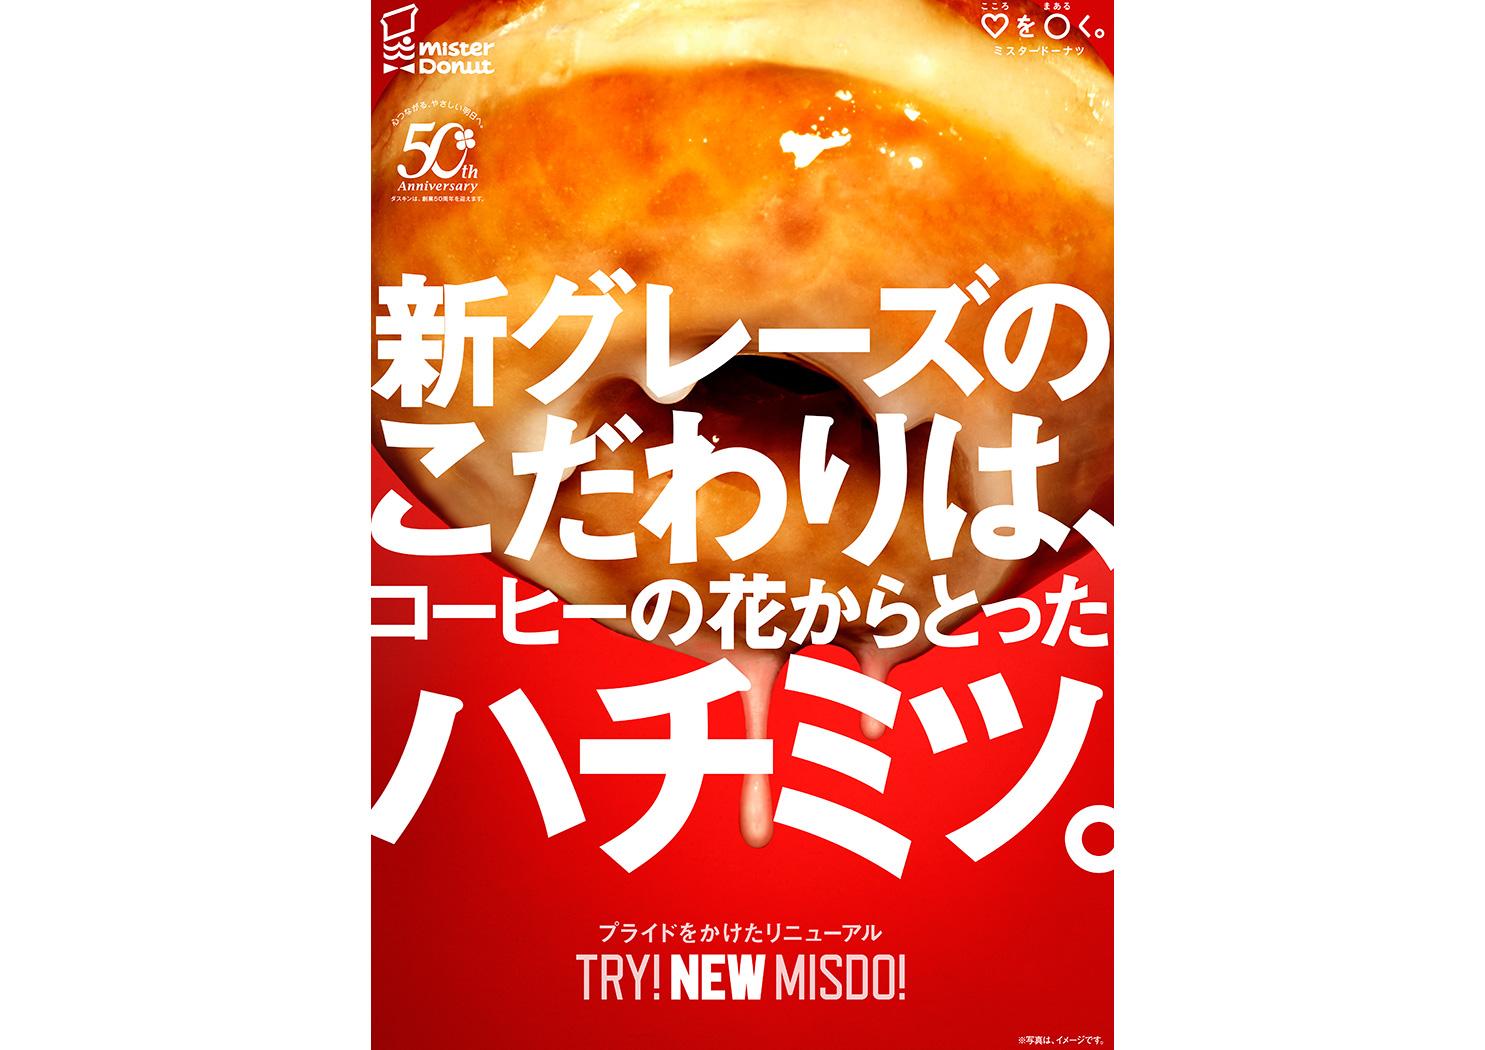 Mister Donut 2013 Poster